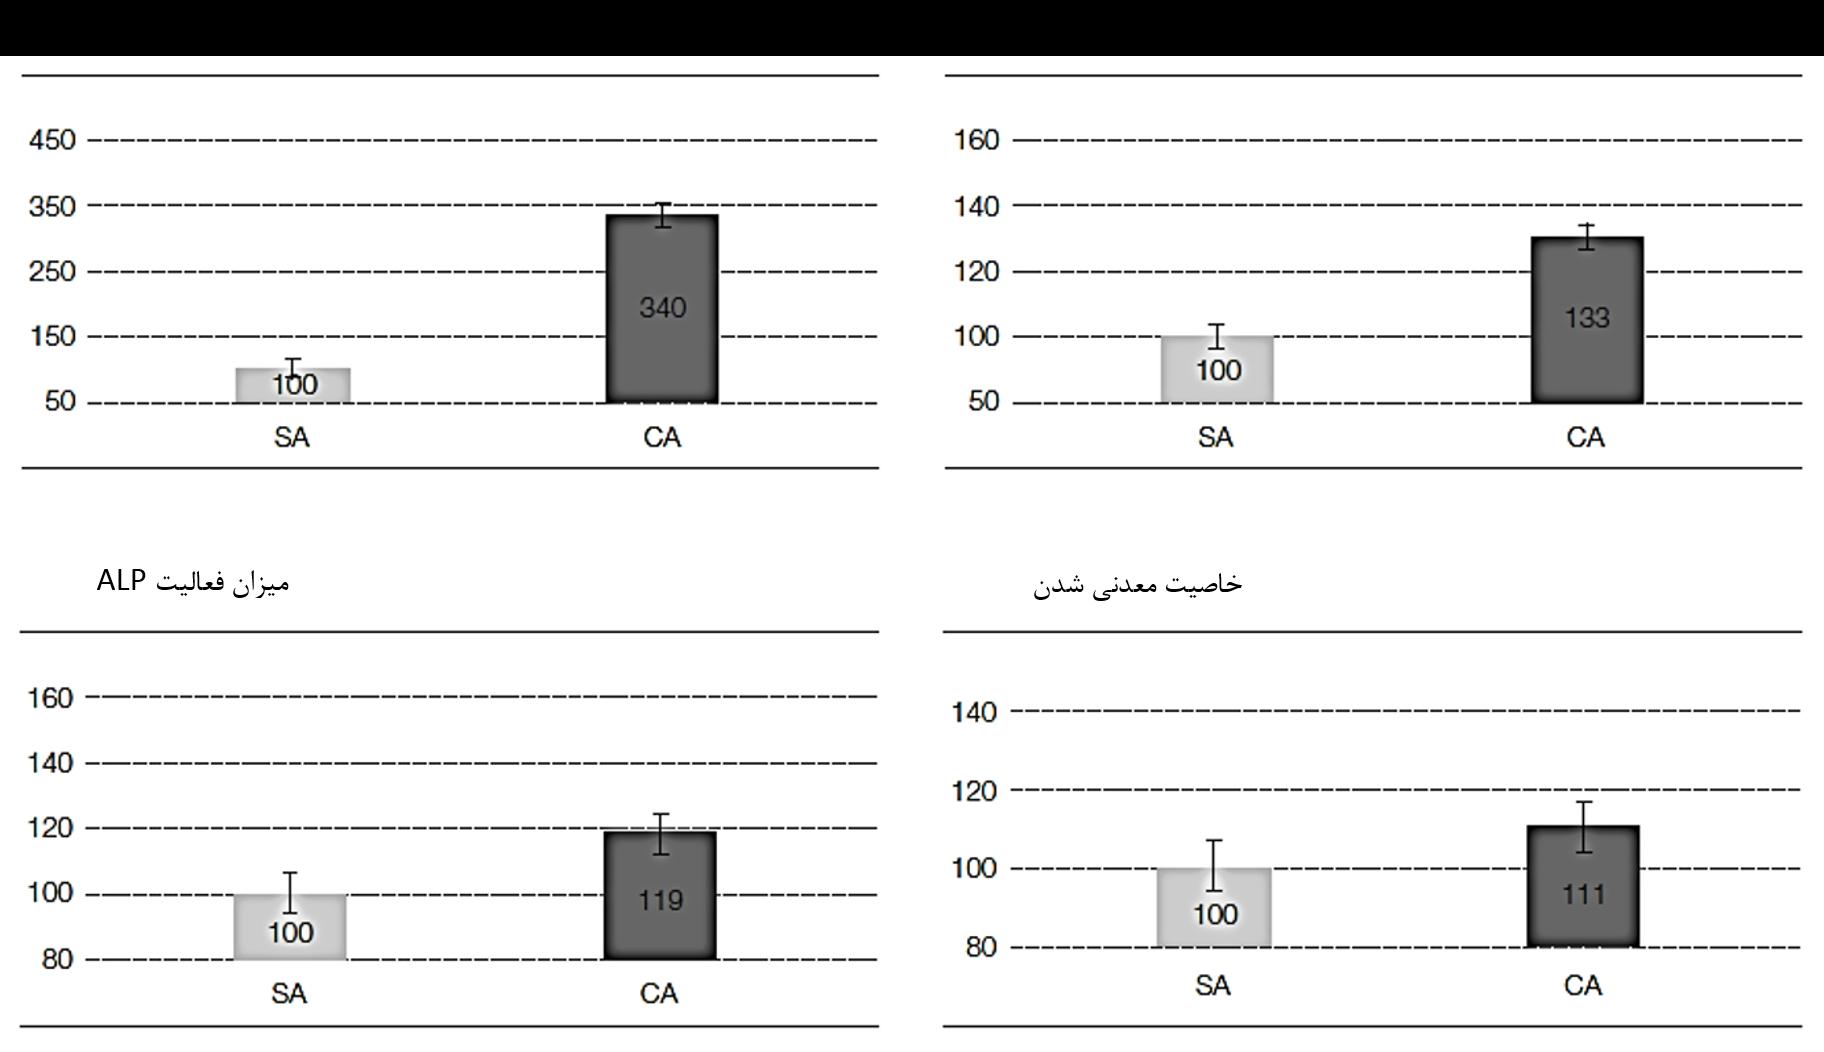 شکل4: سطوح هیدروفیلیک CA باعث افزایش فعالیت ALP و خاصیت معدنی شدن میشود.